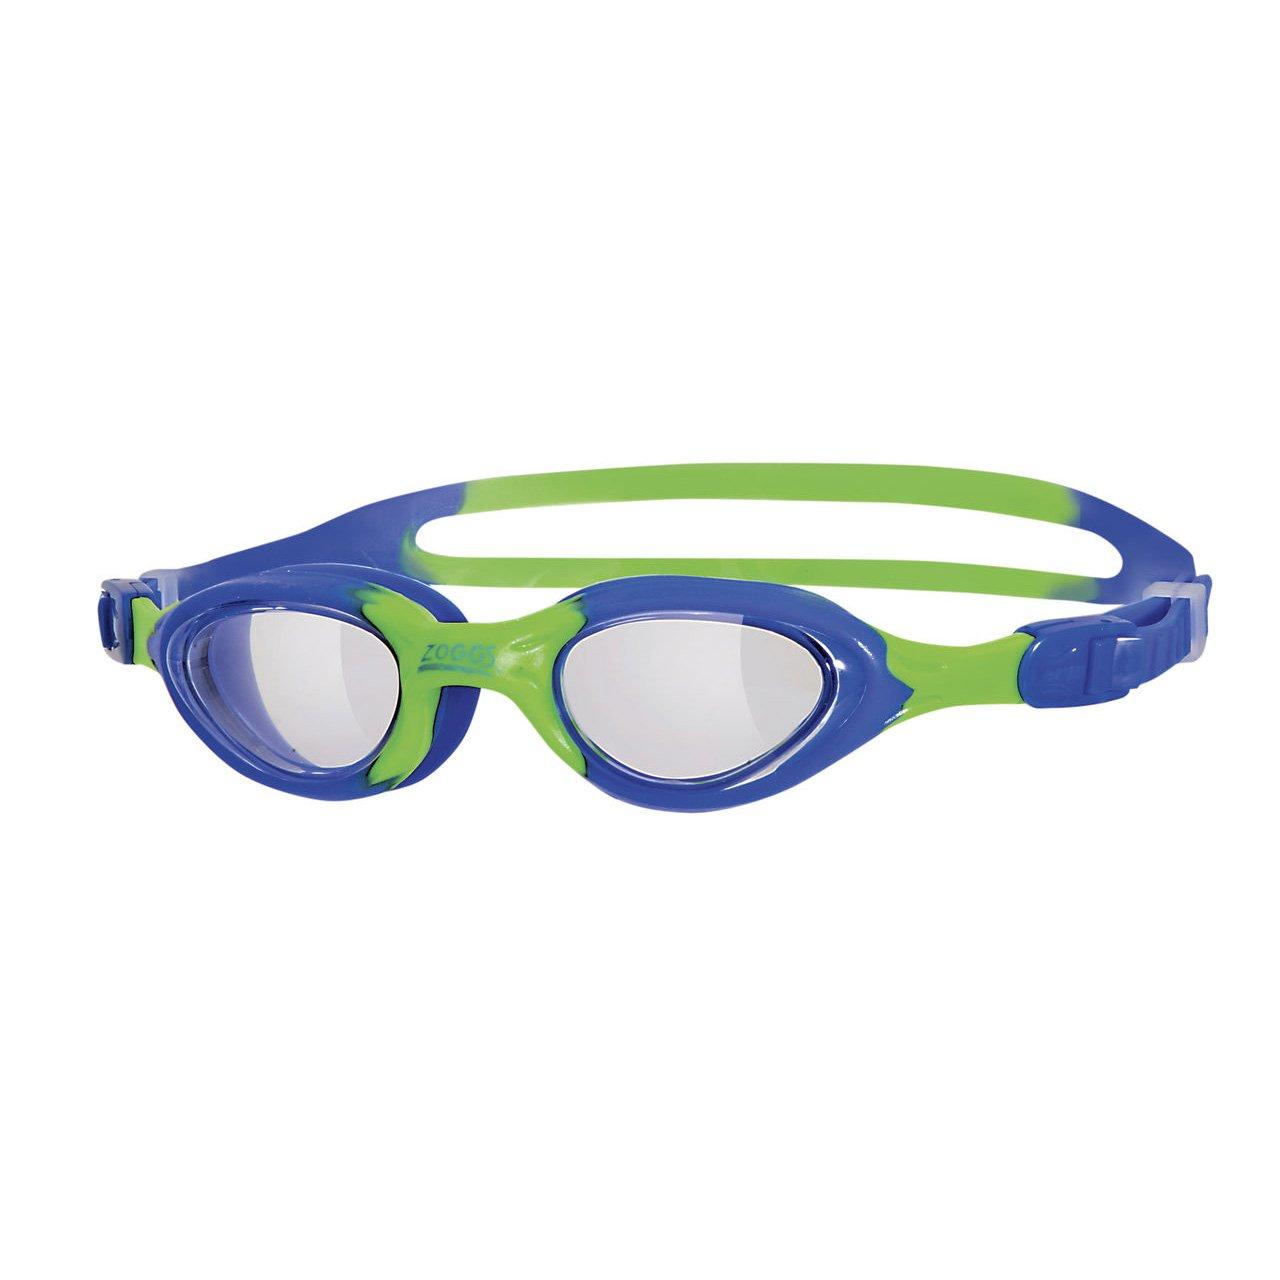 ba8d7da0eb1 Zoggs Kids Little Super Seal Swim Goggles with UV Protection - Blue Green